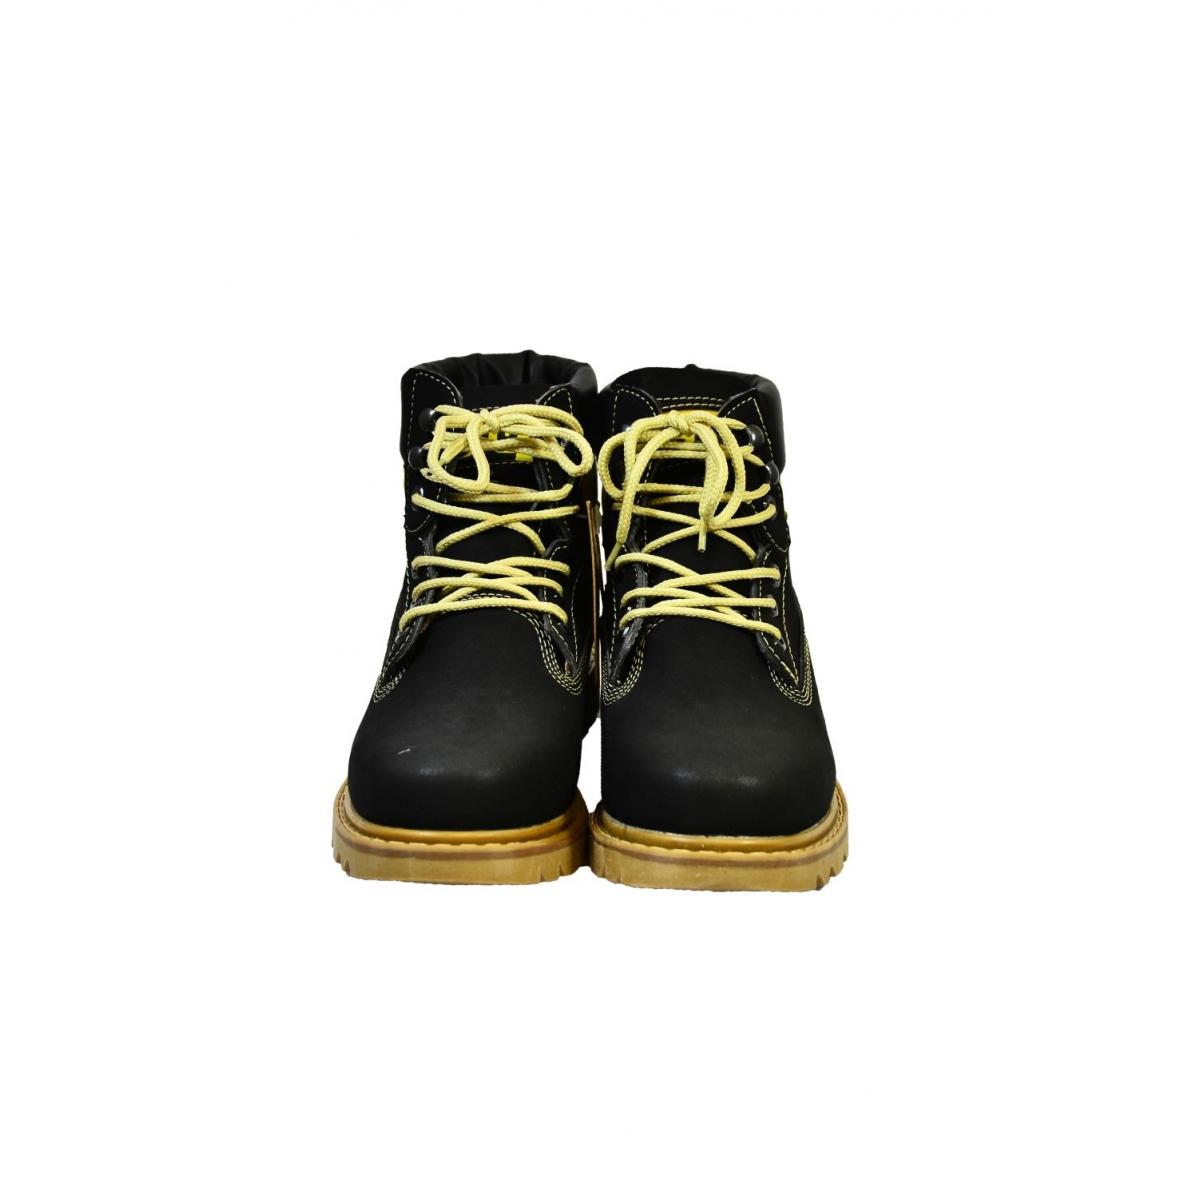 dbe4450075 Pánske topánky BENCE - 4